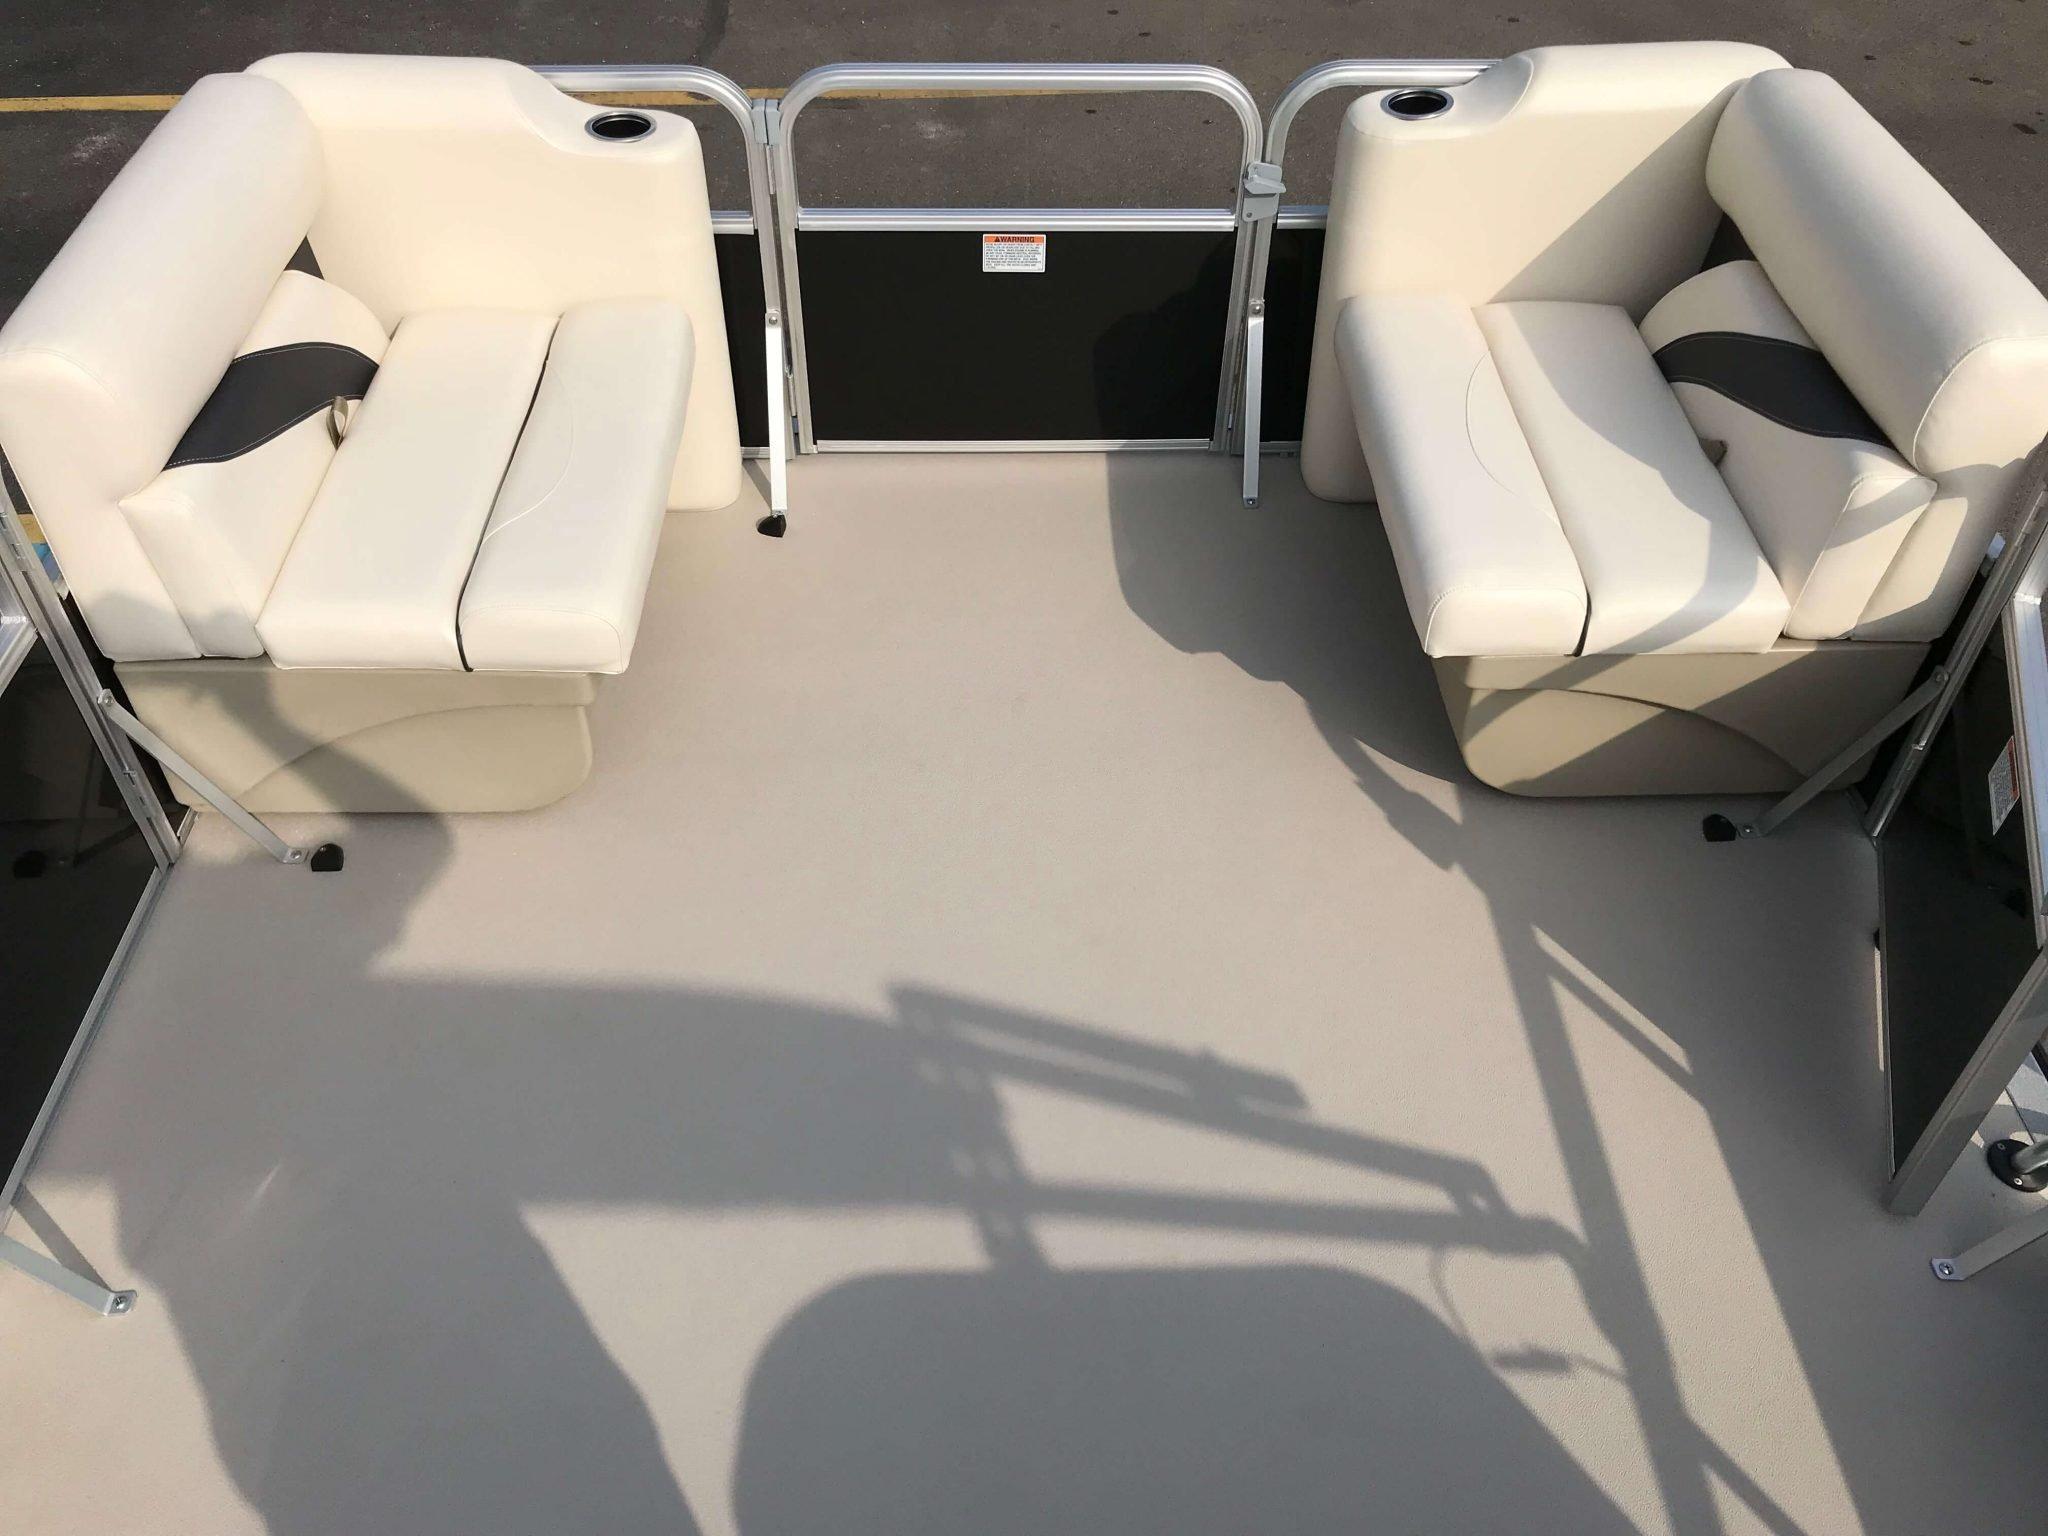 2019 SunChaser Oasis 816 Cruise Layout 3